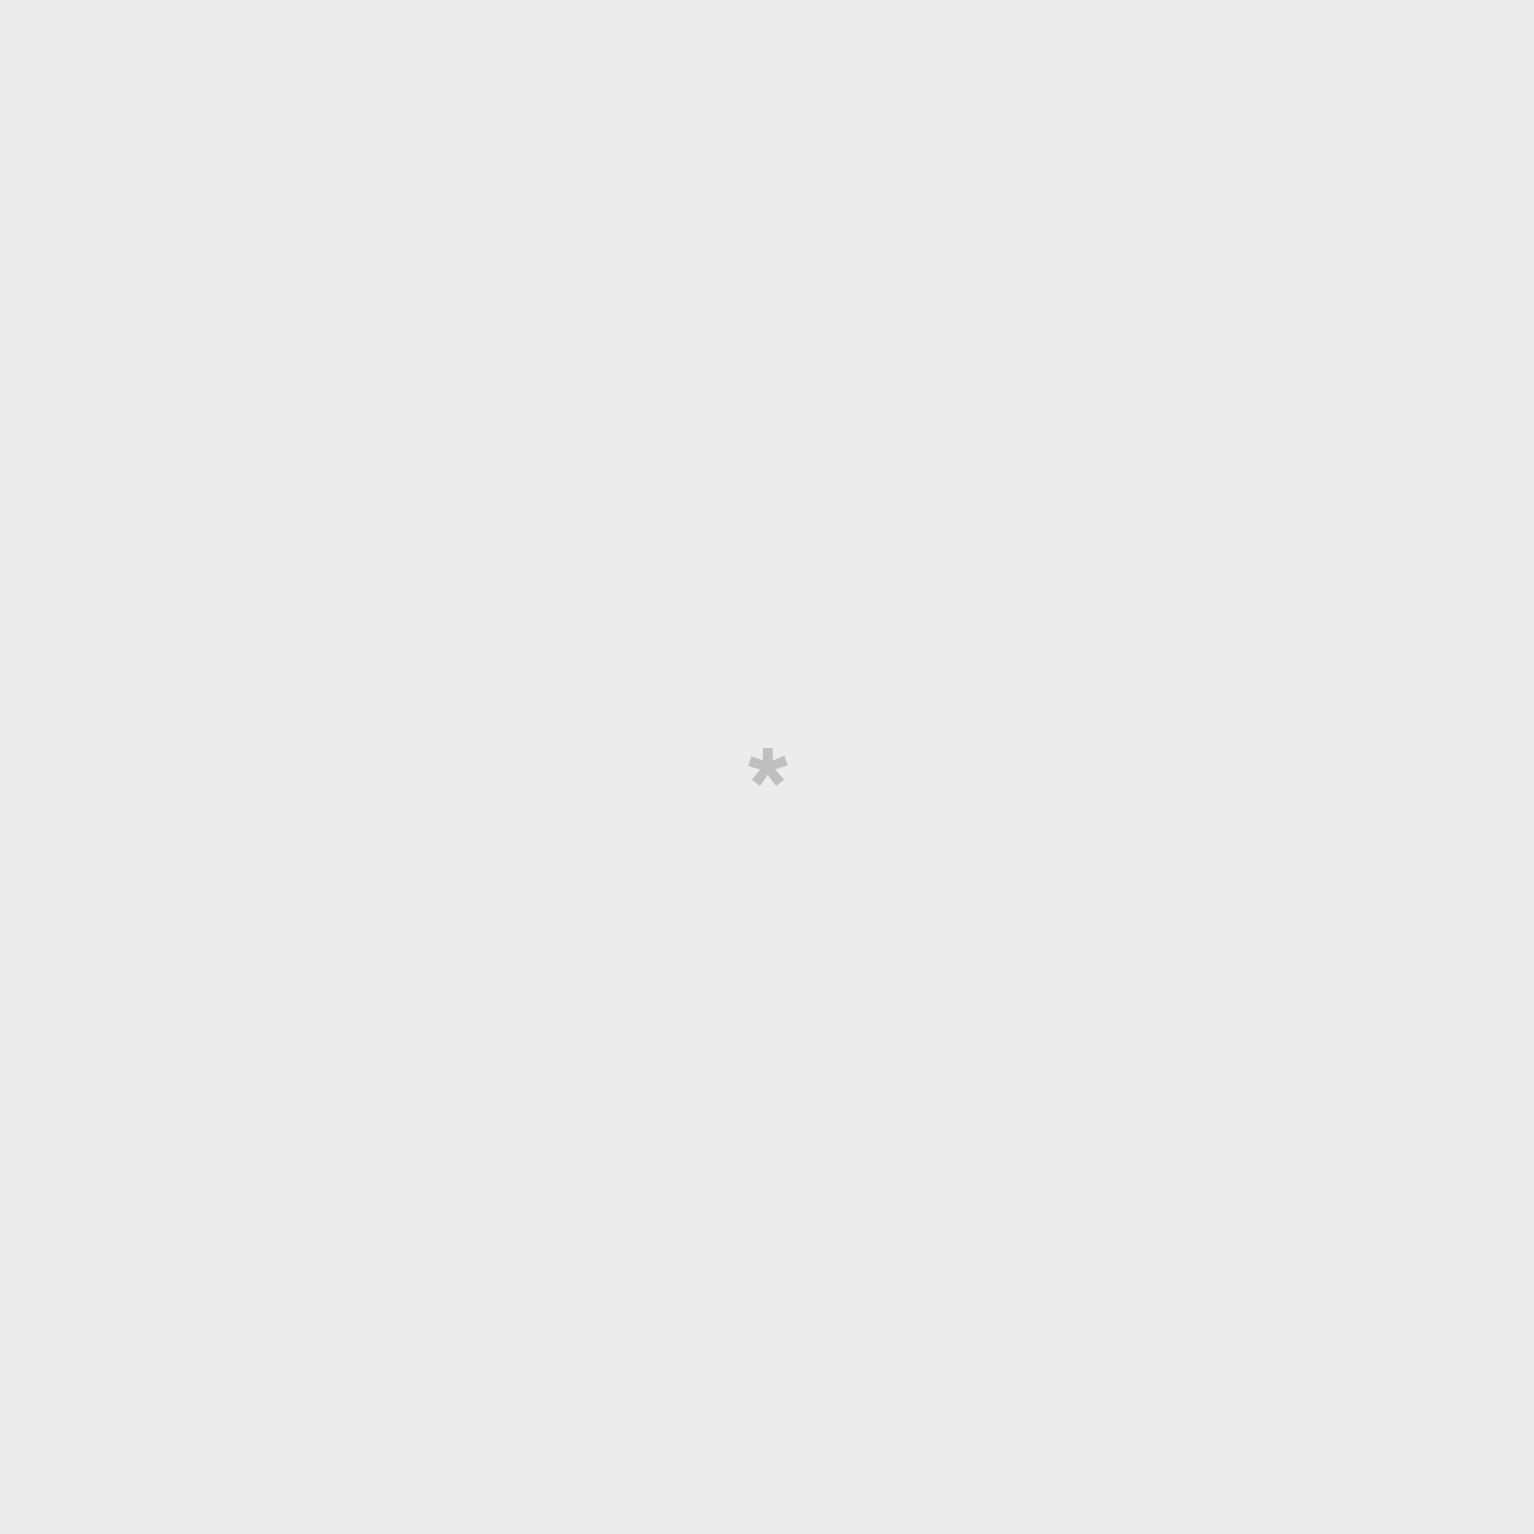 Rollo de papel pintado - Topos (Color azul)